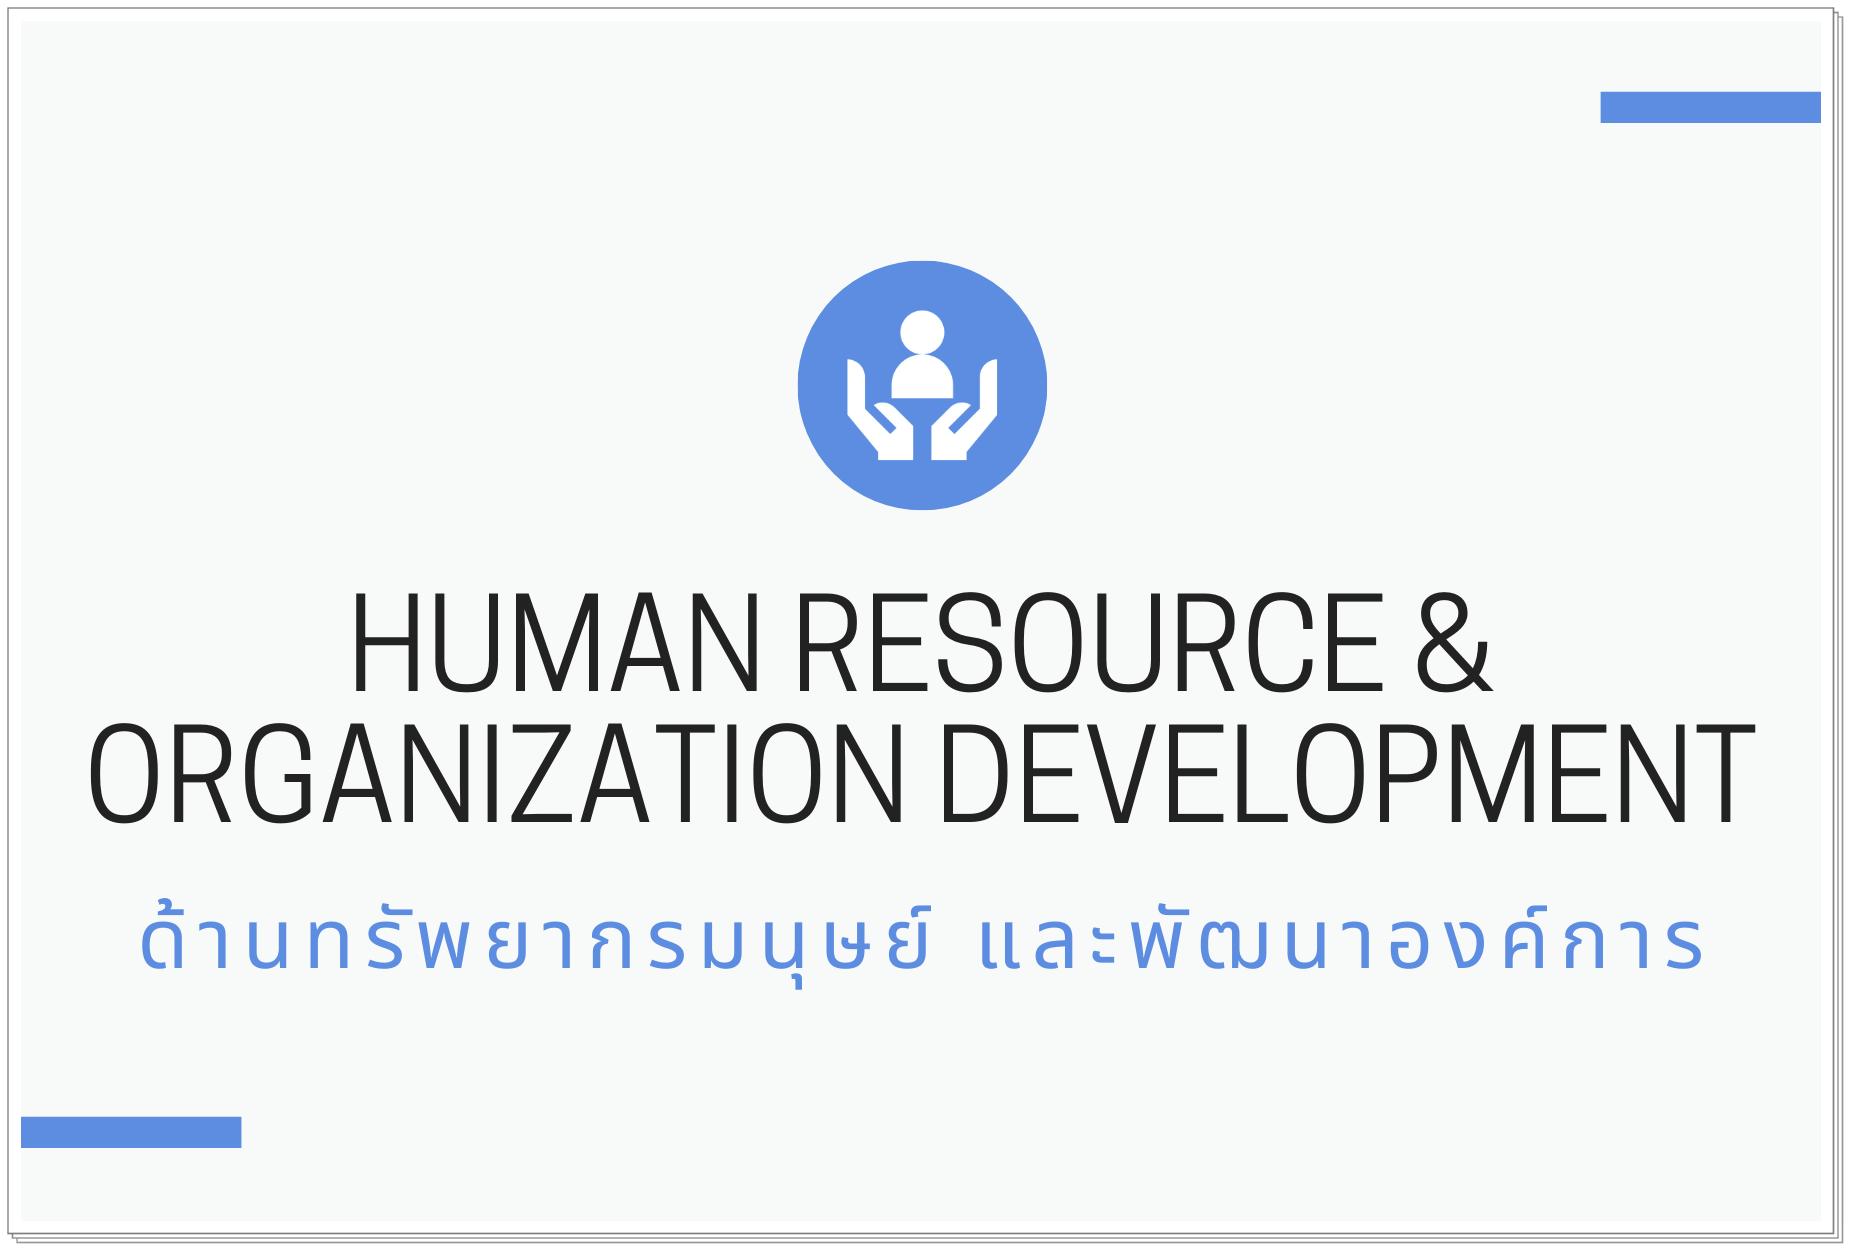 ด้านทรัพยากรมนุษย์ และพัฒนาองค์การ (Human Resource & Organization Development)